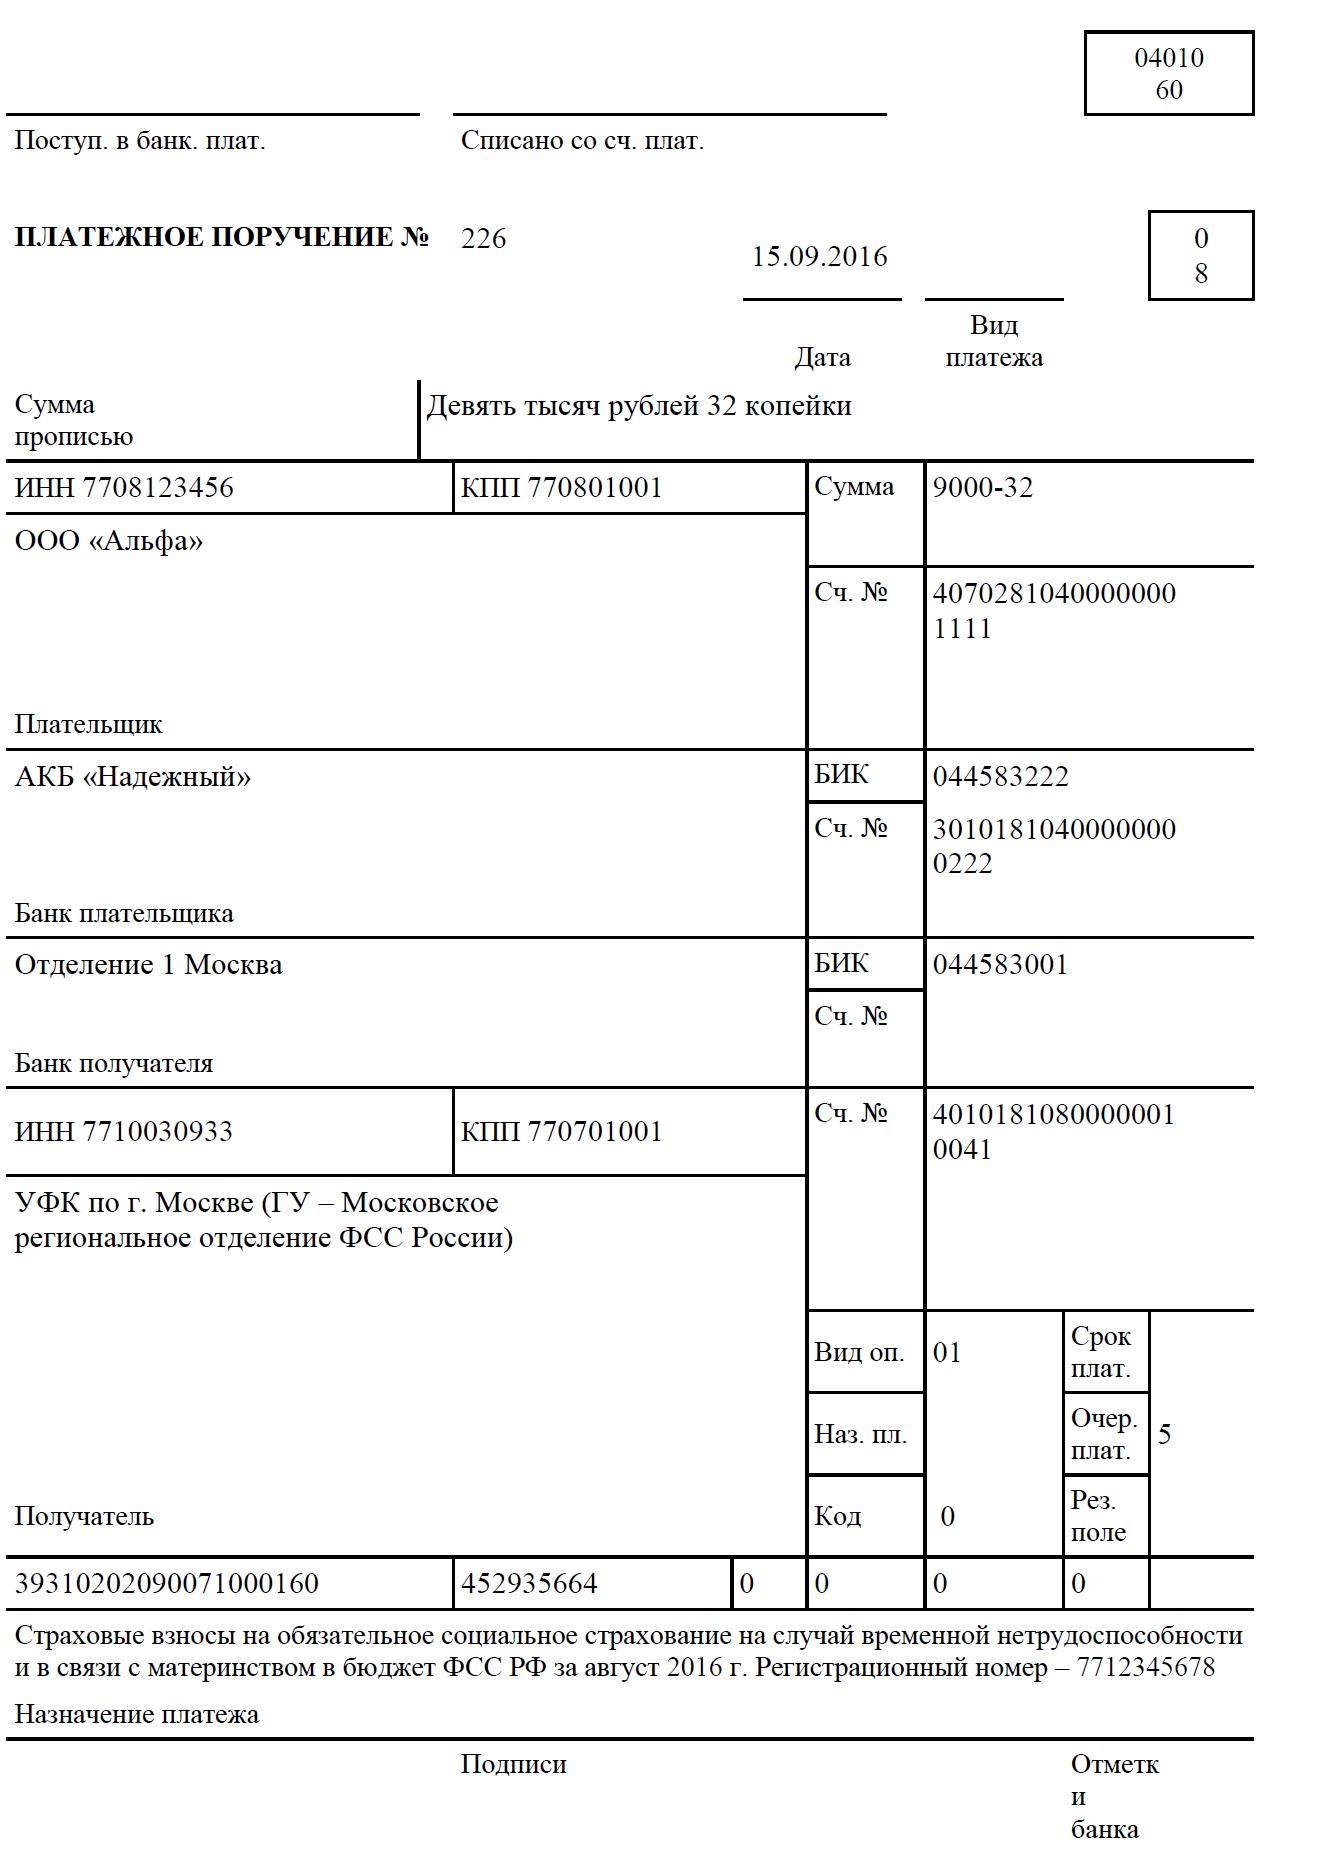 Таблица отчетности за день